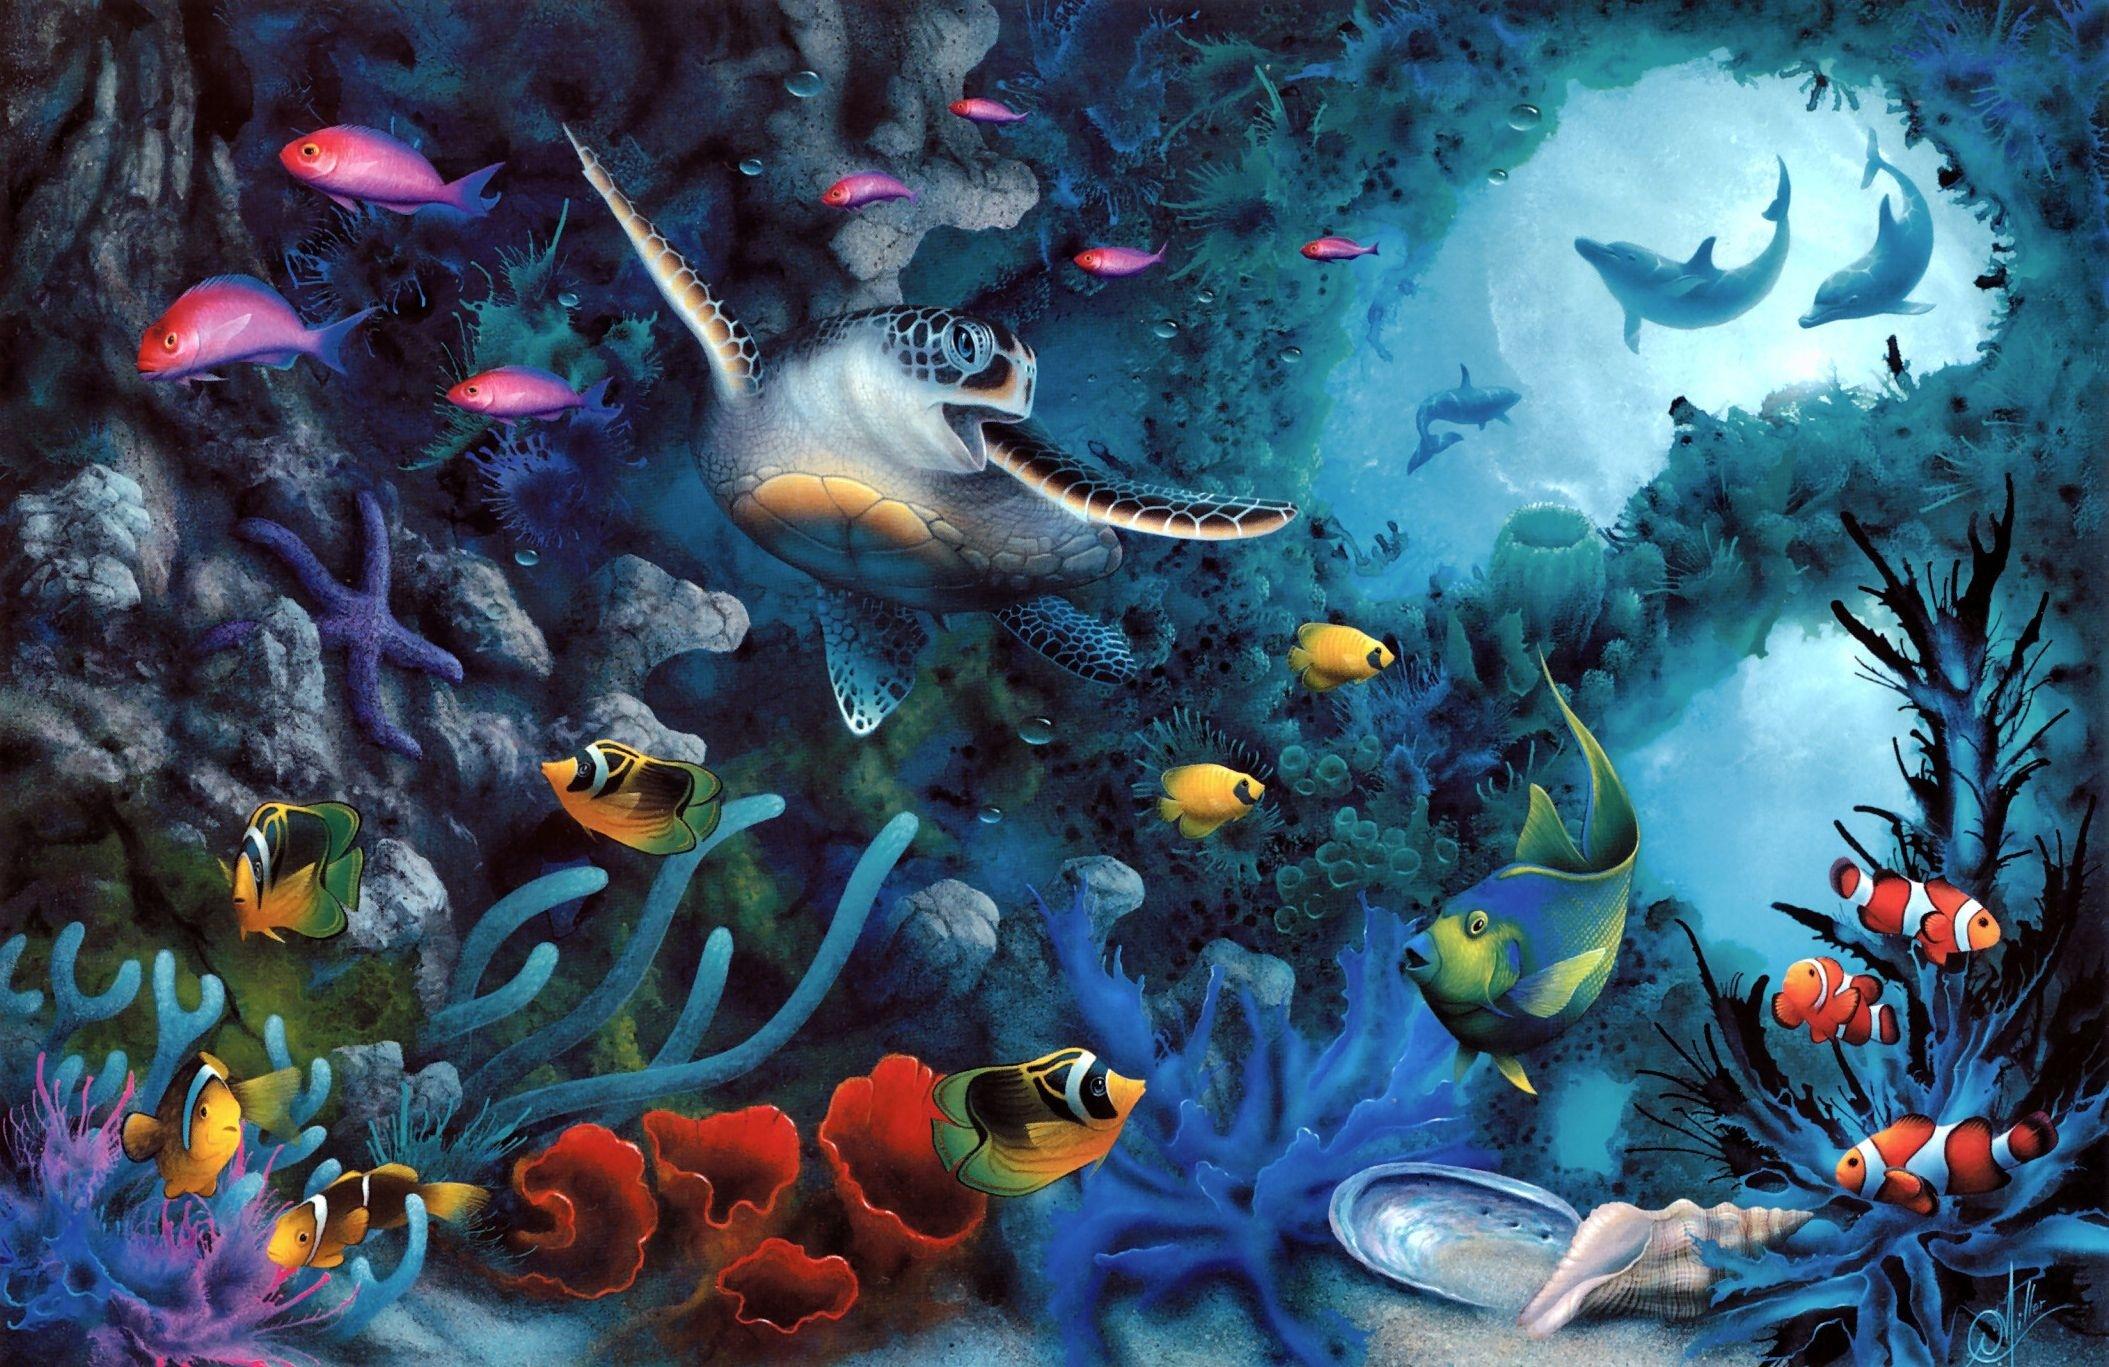 понять, нарисовать прикольных рыбок в подводном мире характеристики отличаются разнообразием